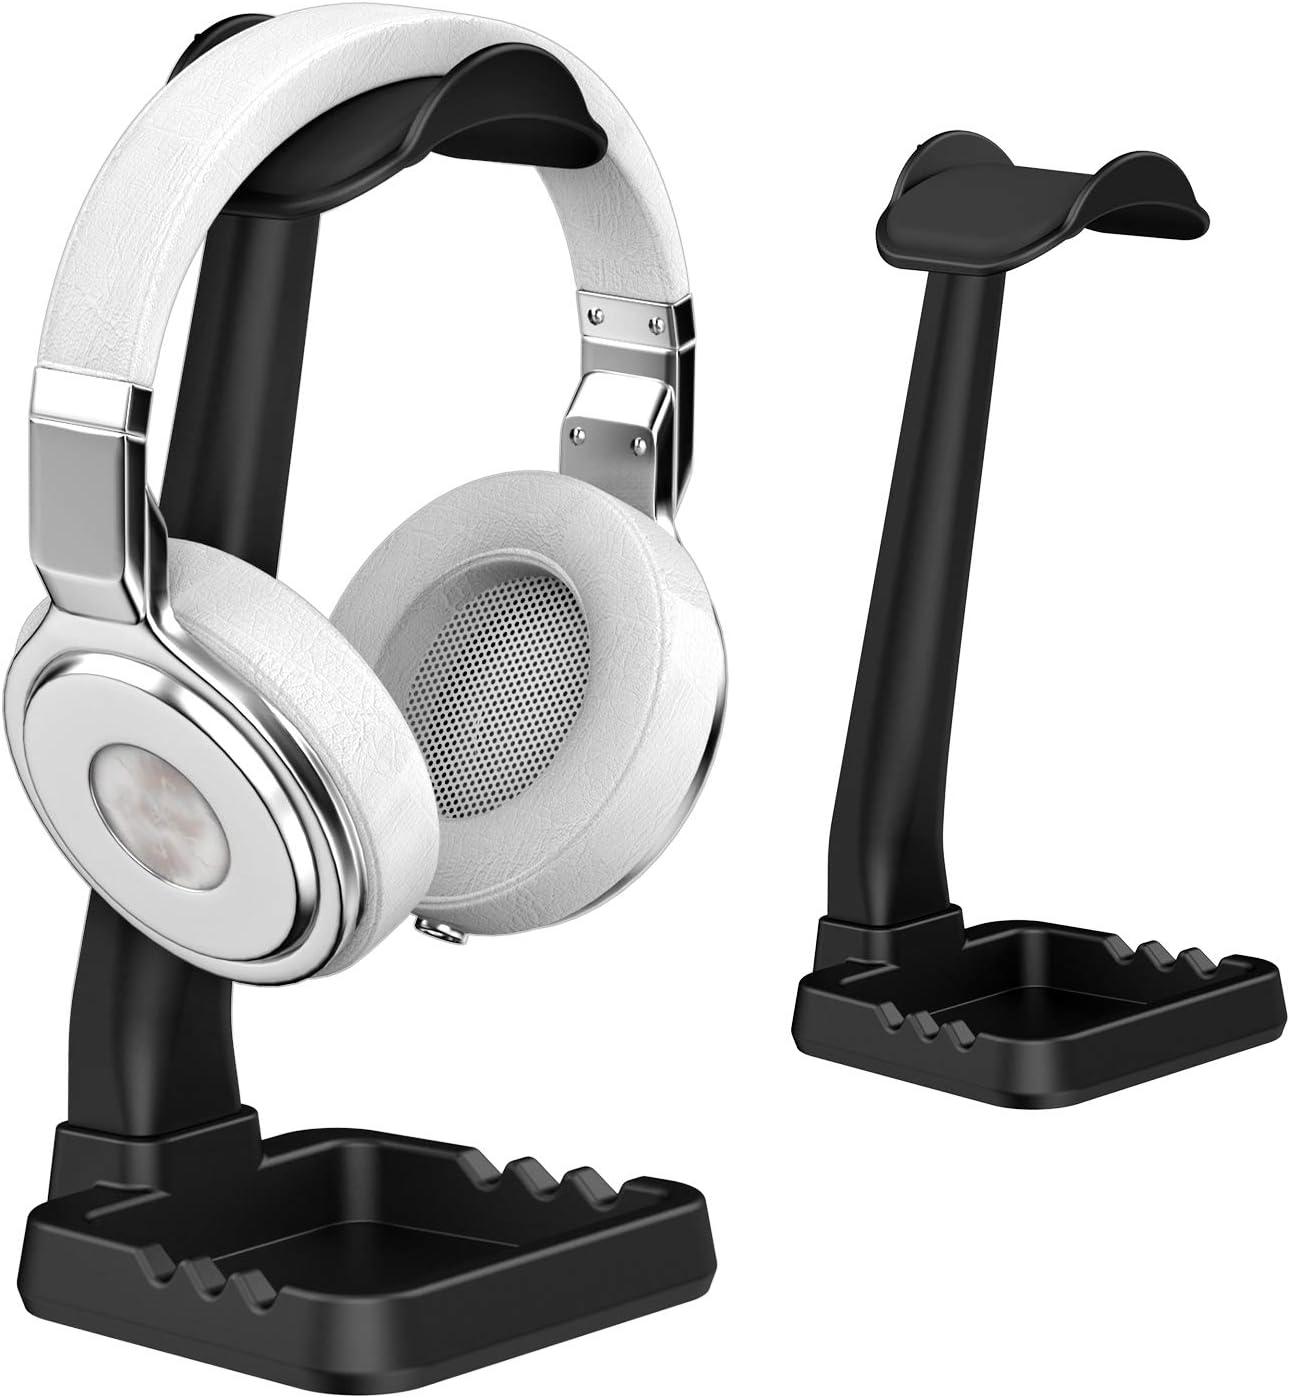 Für Kopfhörergröße Wandhalterung Gaming Headset Halter Kopfhörerhalter Ständer